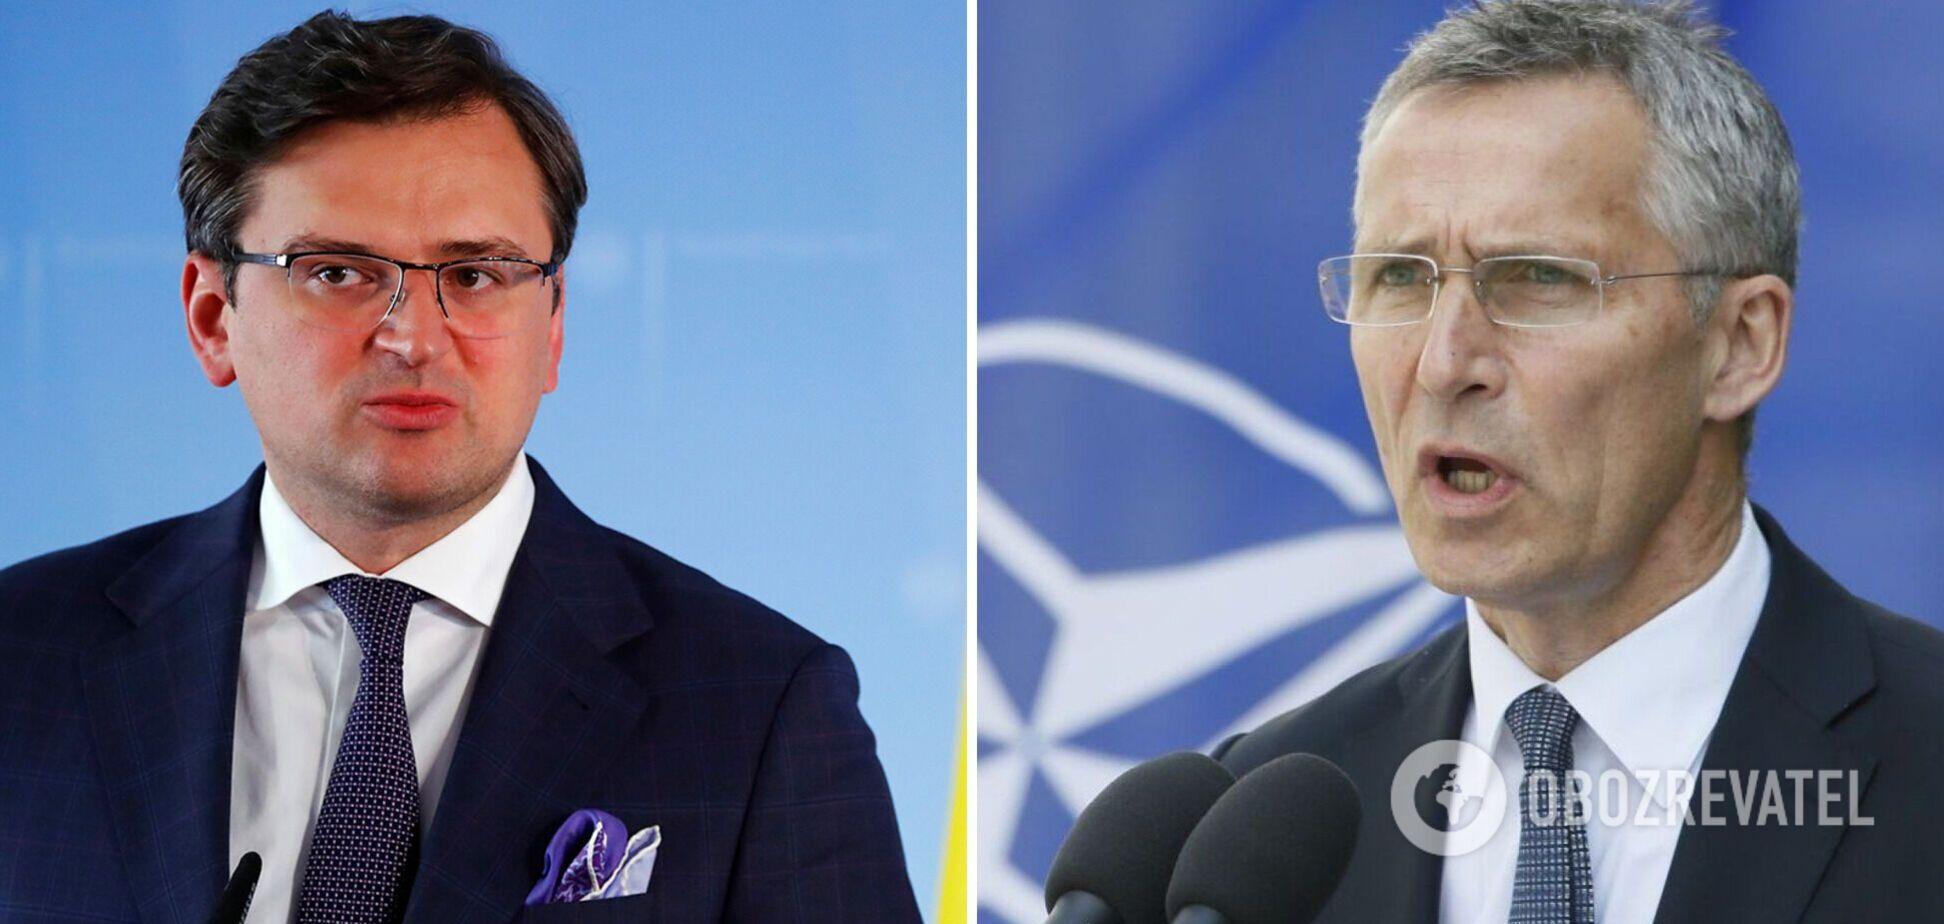 Кулеба зустрівся з генсеком НАТО та отримав потужну підтримку Альянсу: головні заяви